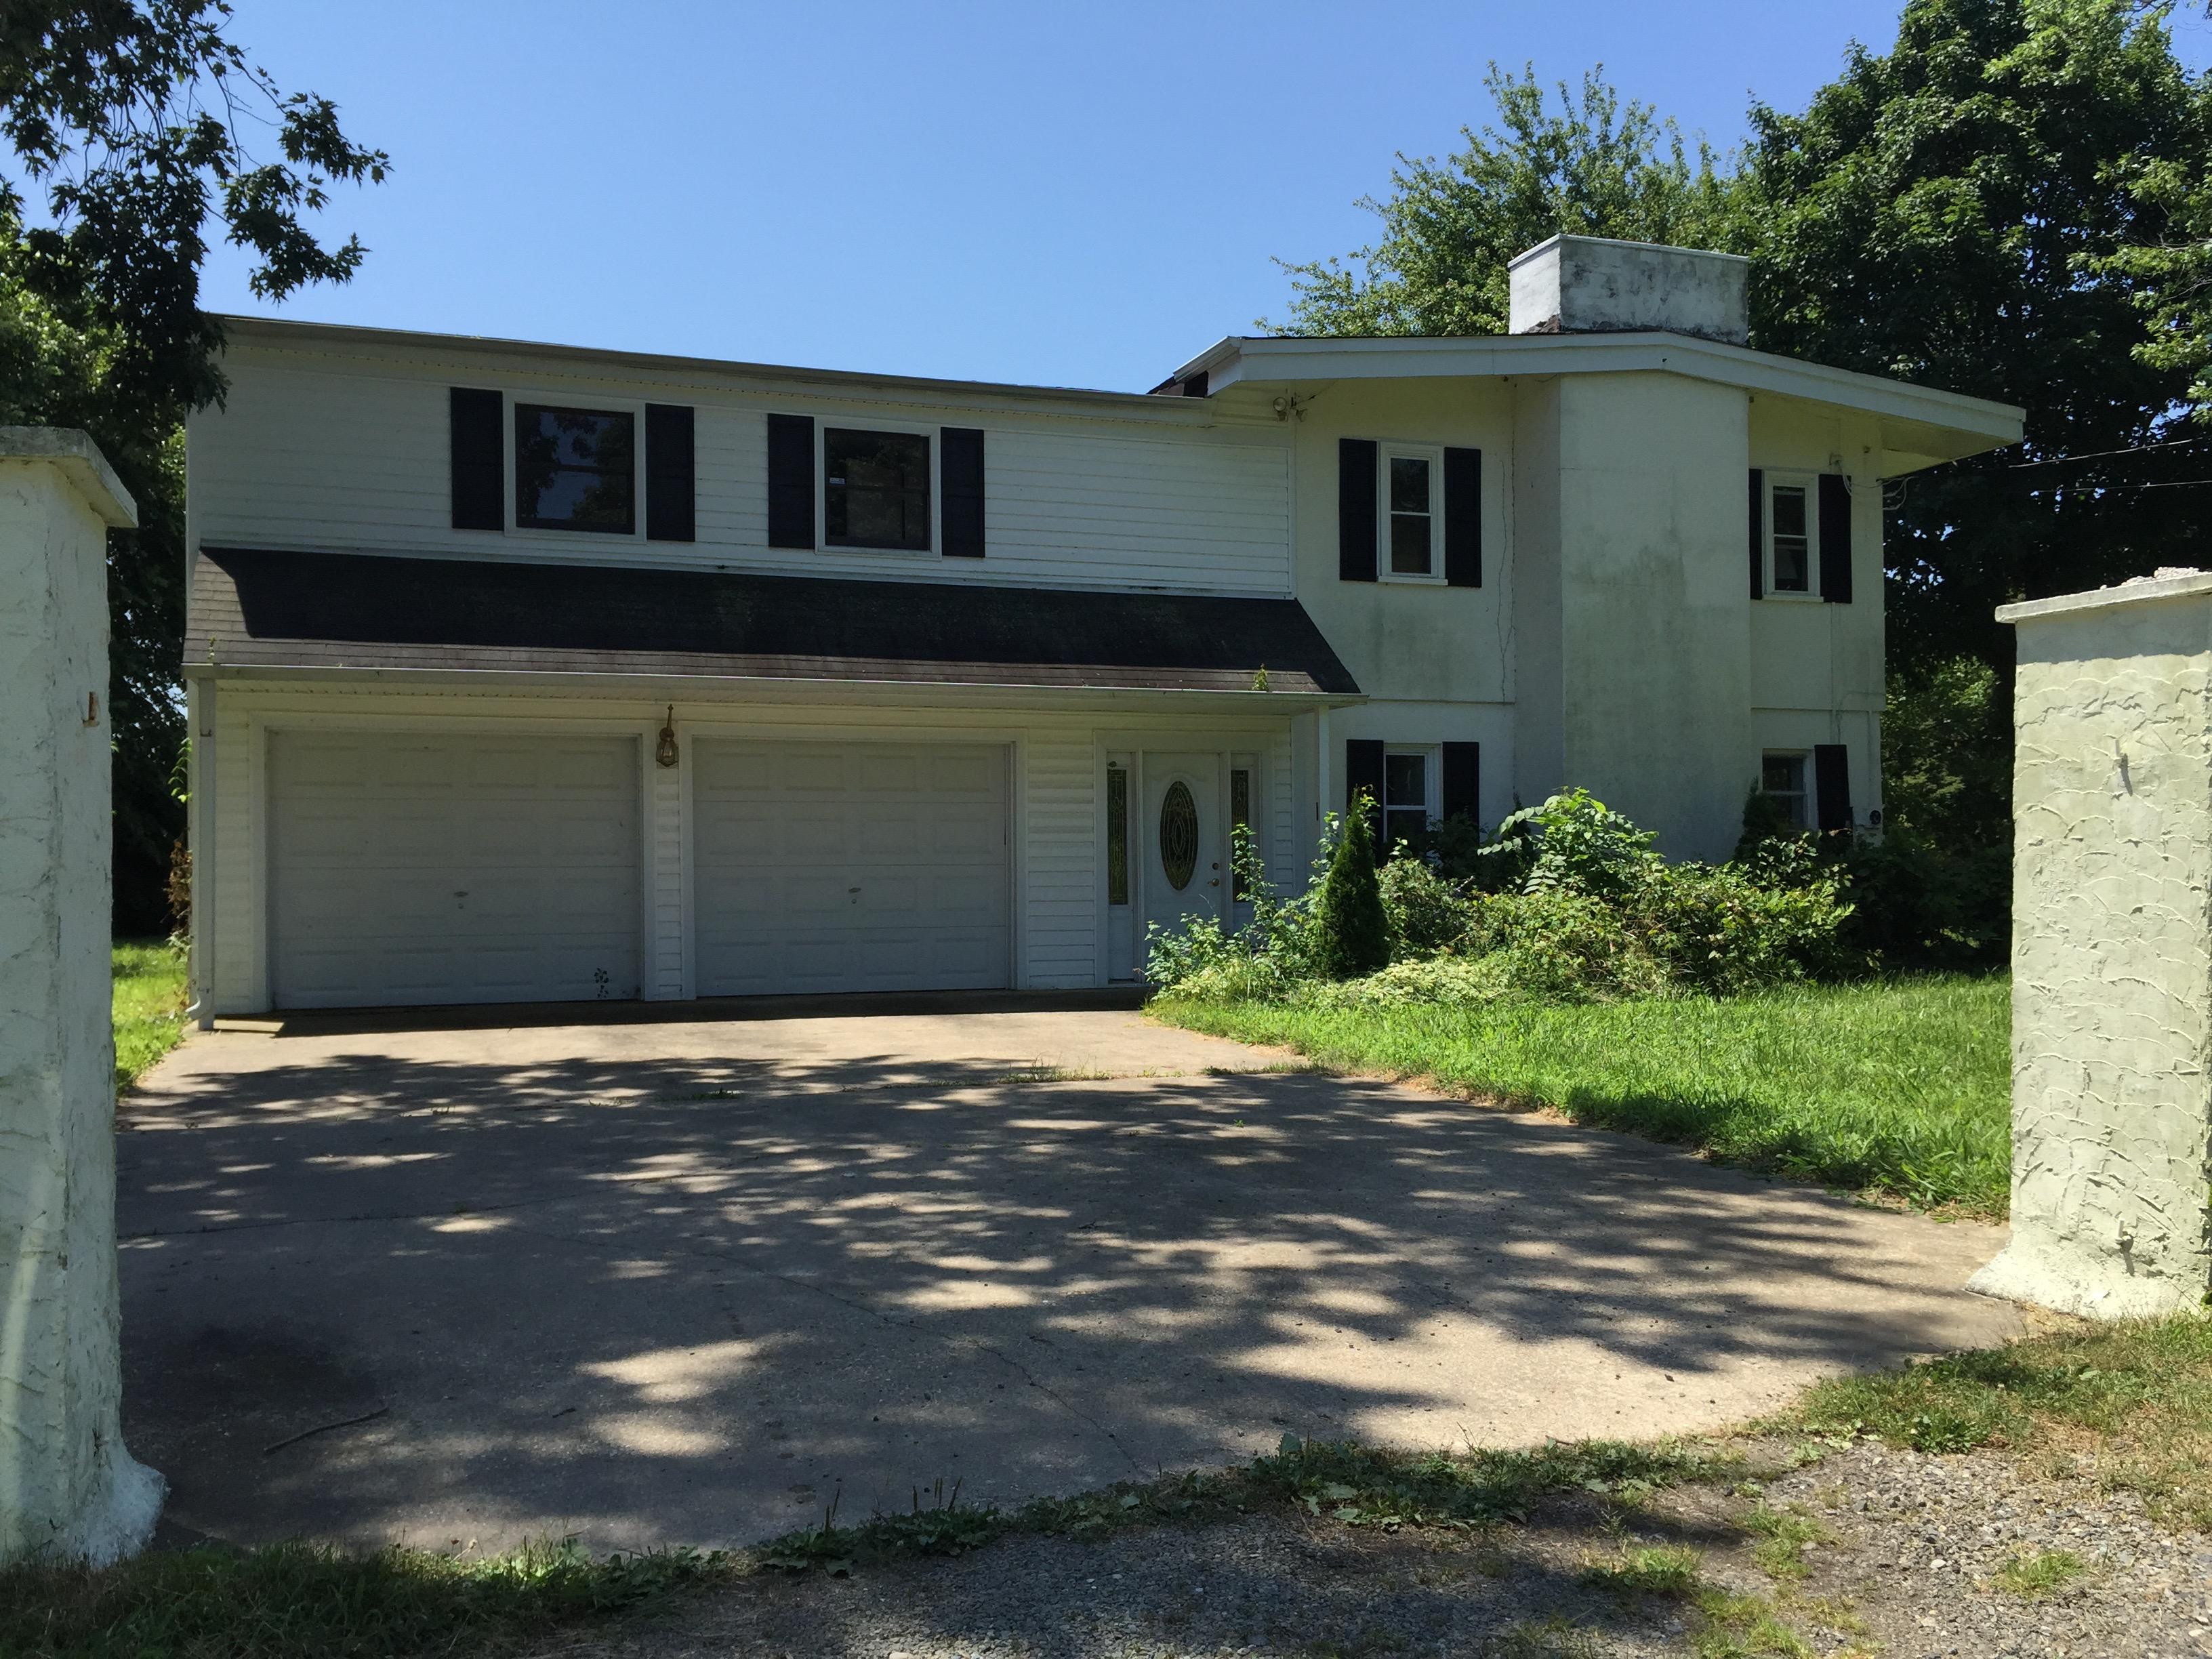 105 Rock Lane, Stevensville, Maryland 21666